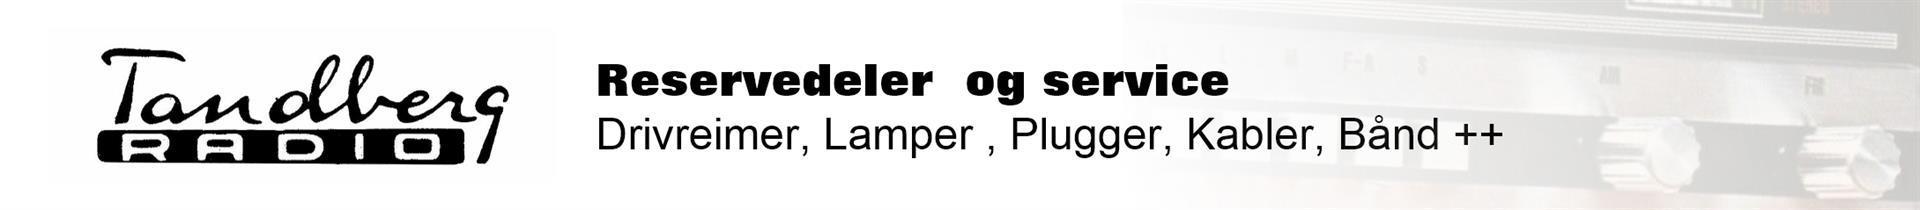 Tandberg - reservedeler og service